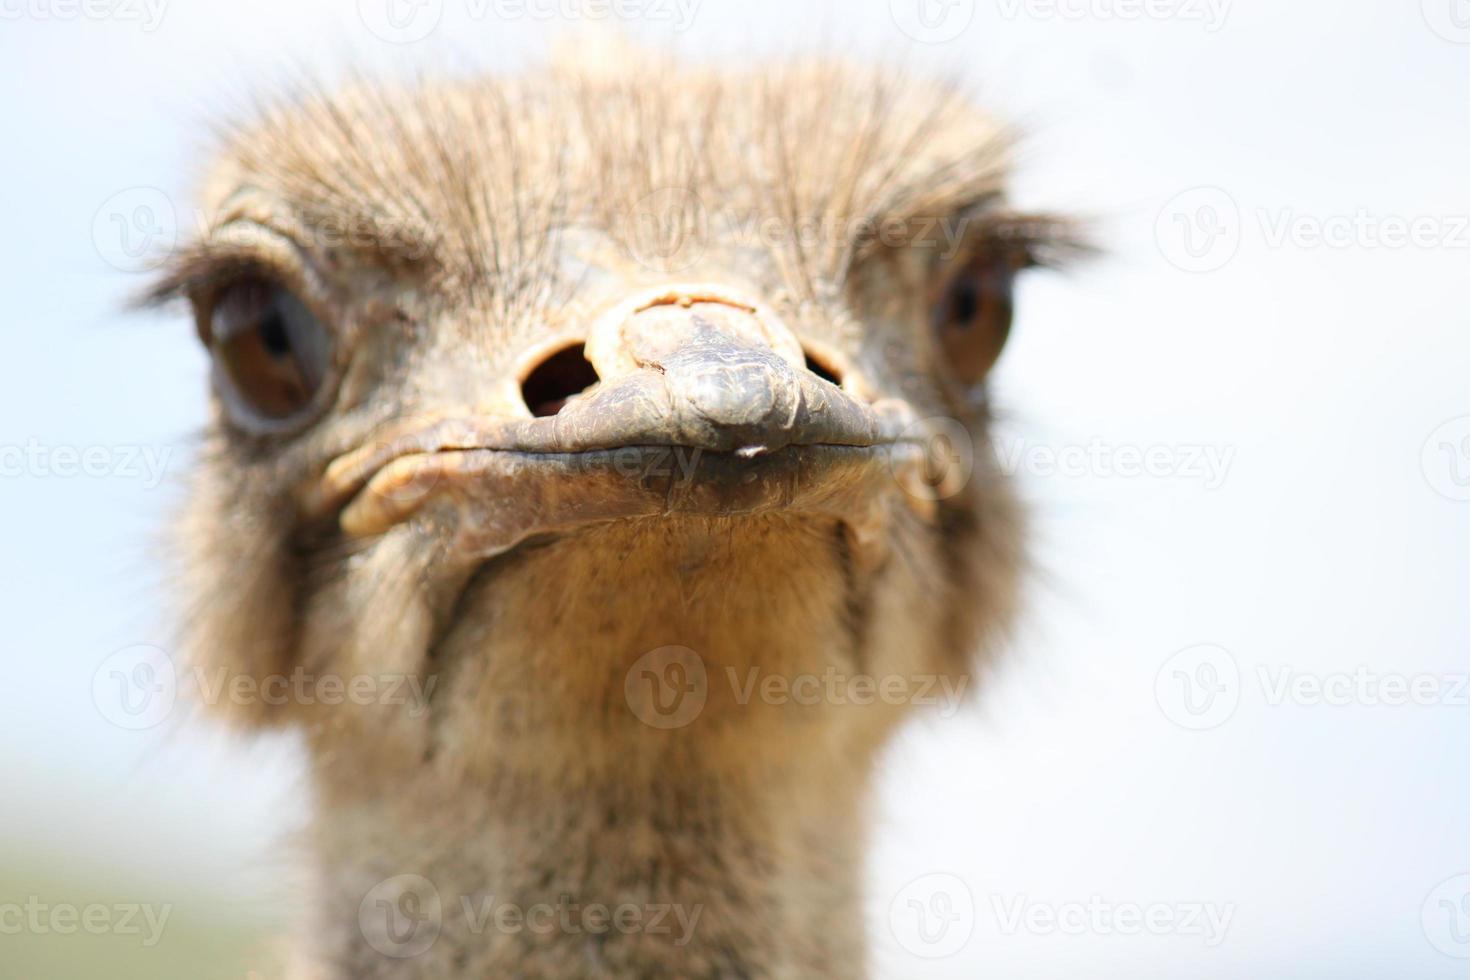 disparo en la cabeza de primer plano de un avestruz foto